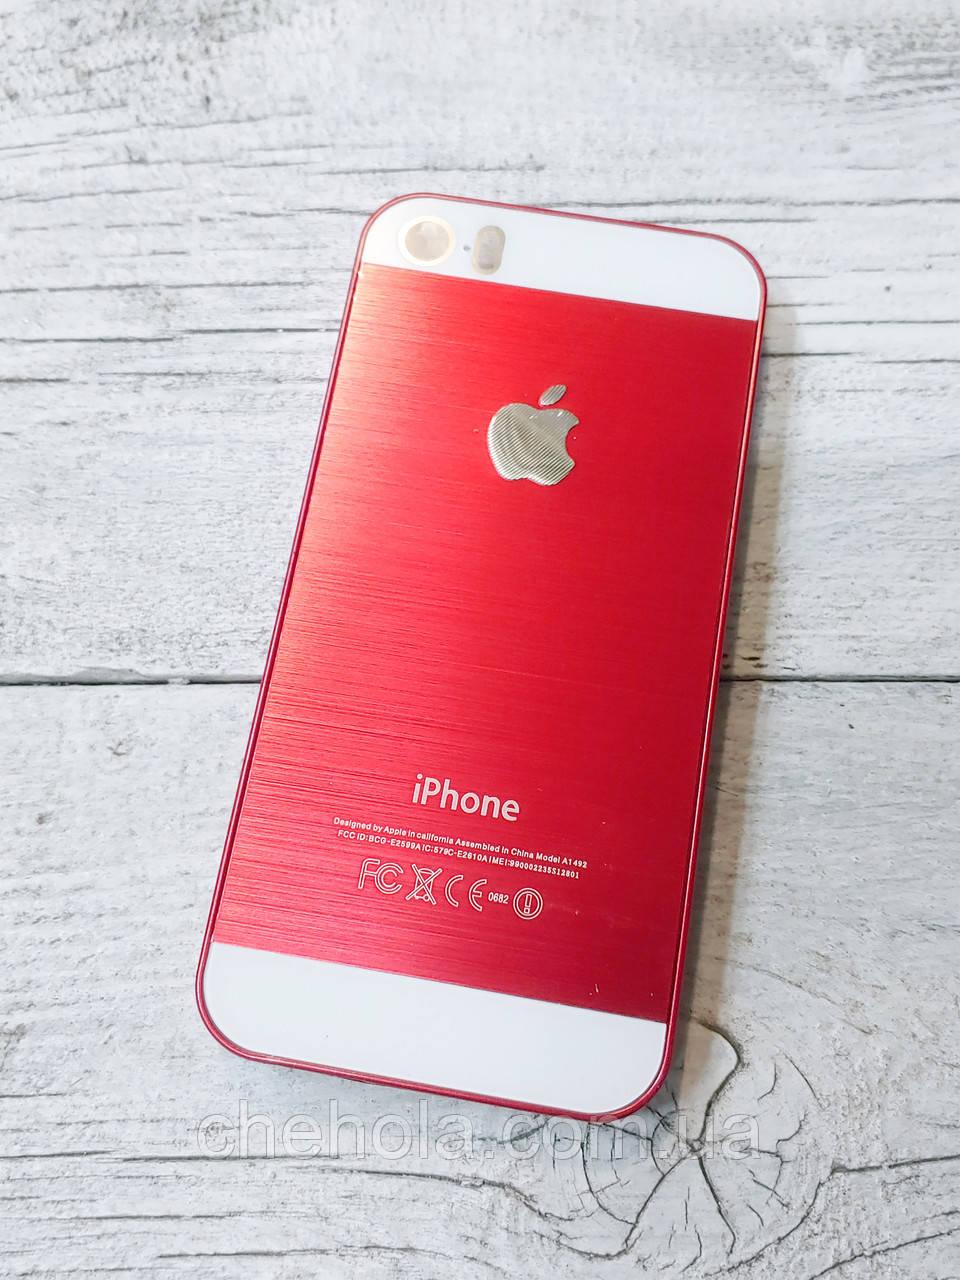 Яскравий Протиударний Чохол для iPhone 5 5S SE Металевий Червоний